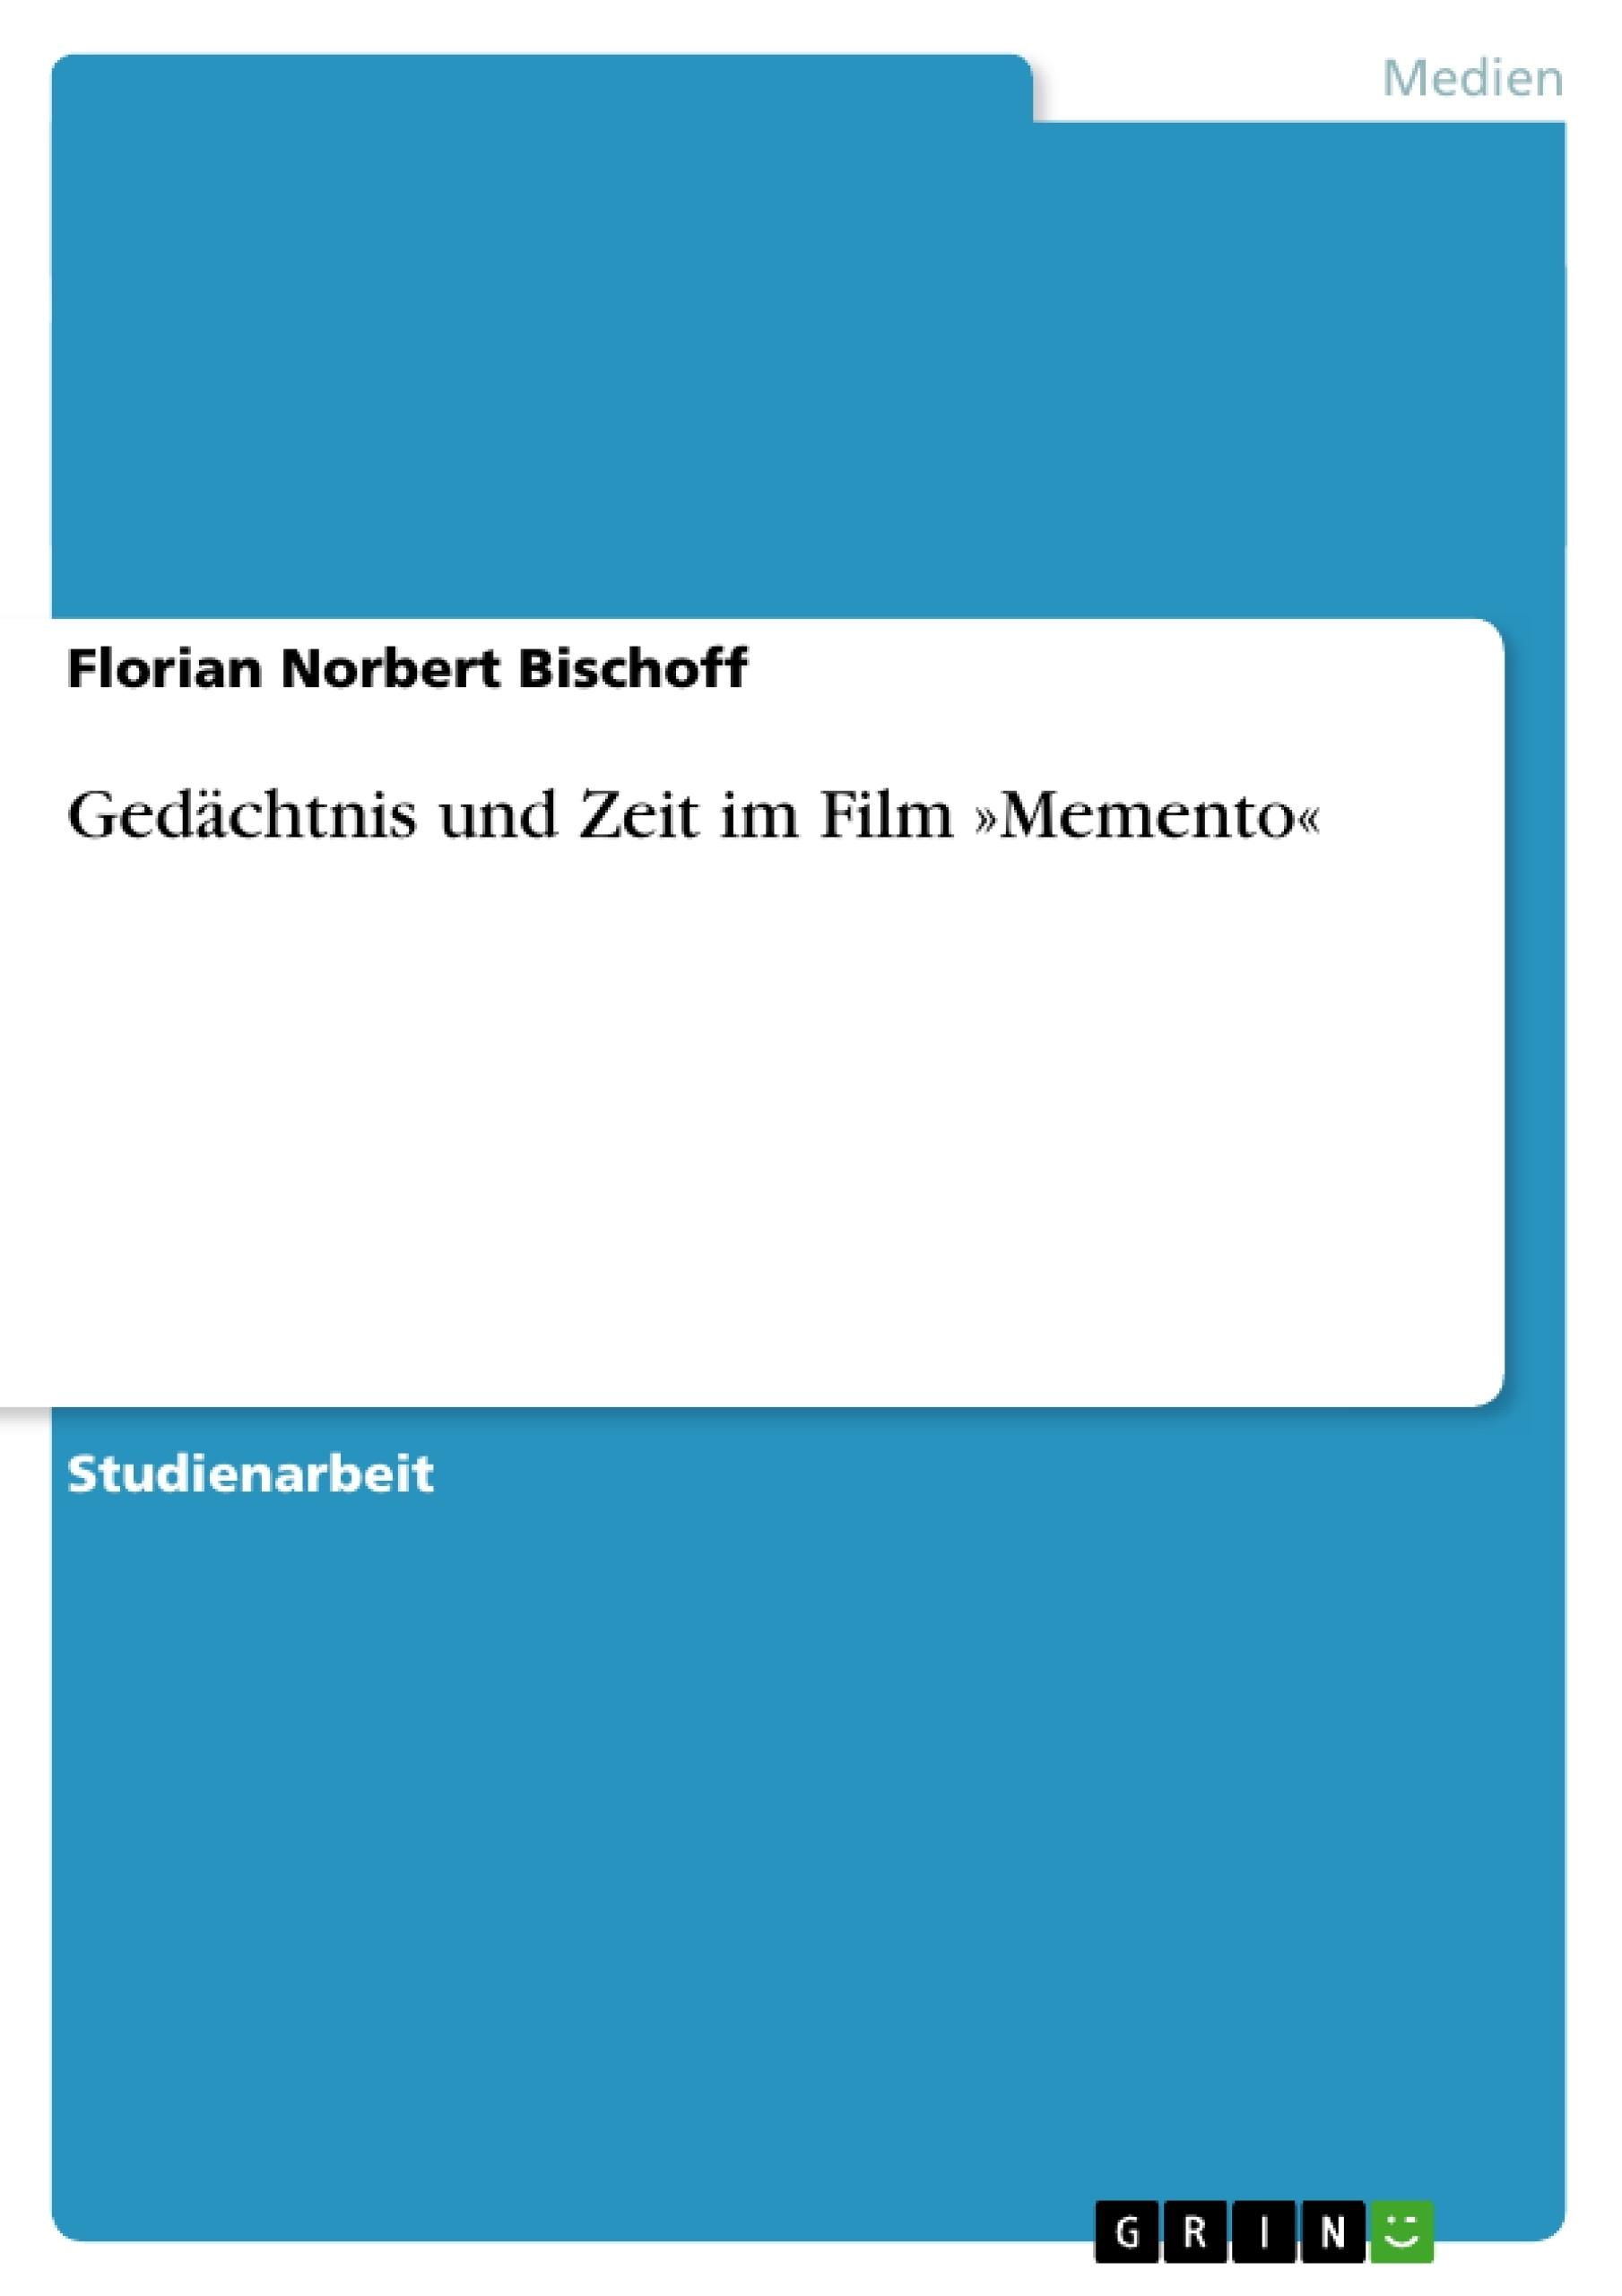 Titel: Gedächtnis und Zeit im Film »Memento«